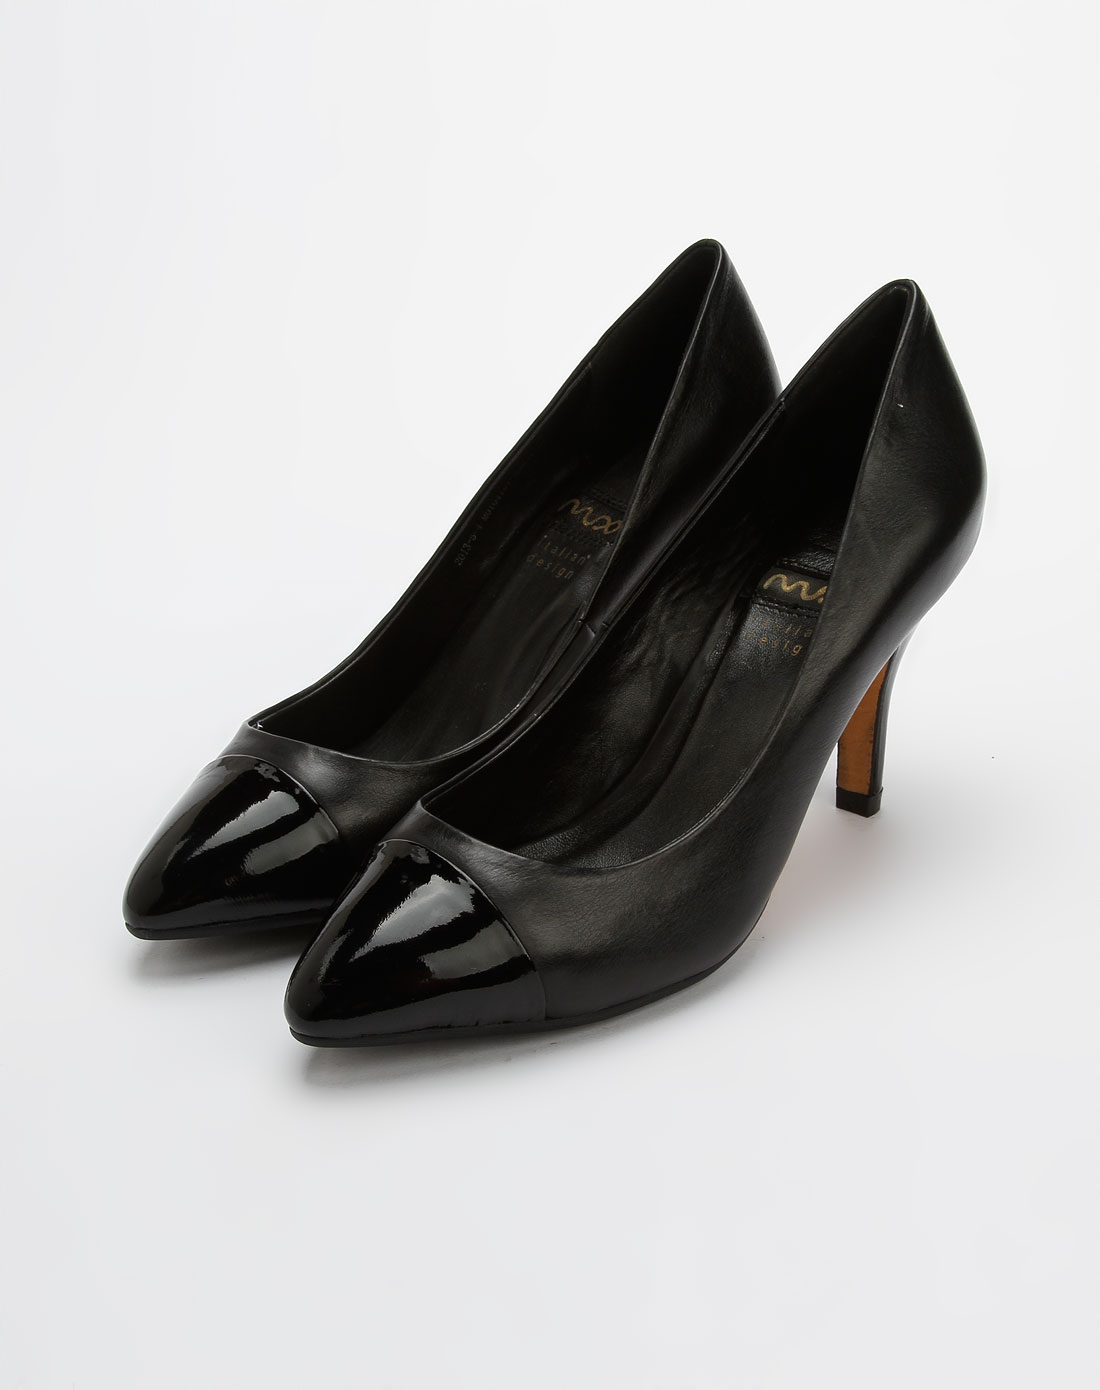 黑色女鞋工作鞋平跟